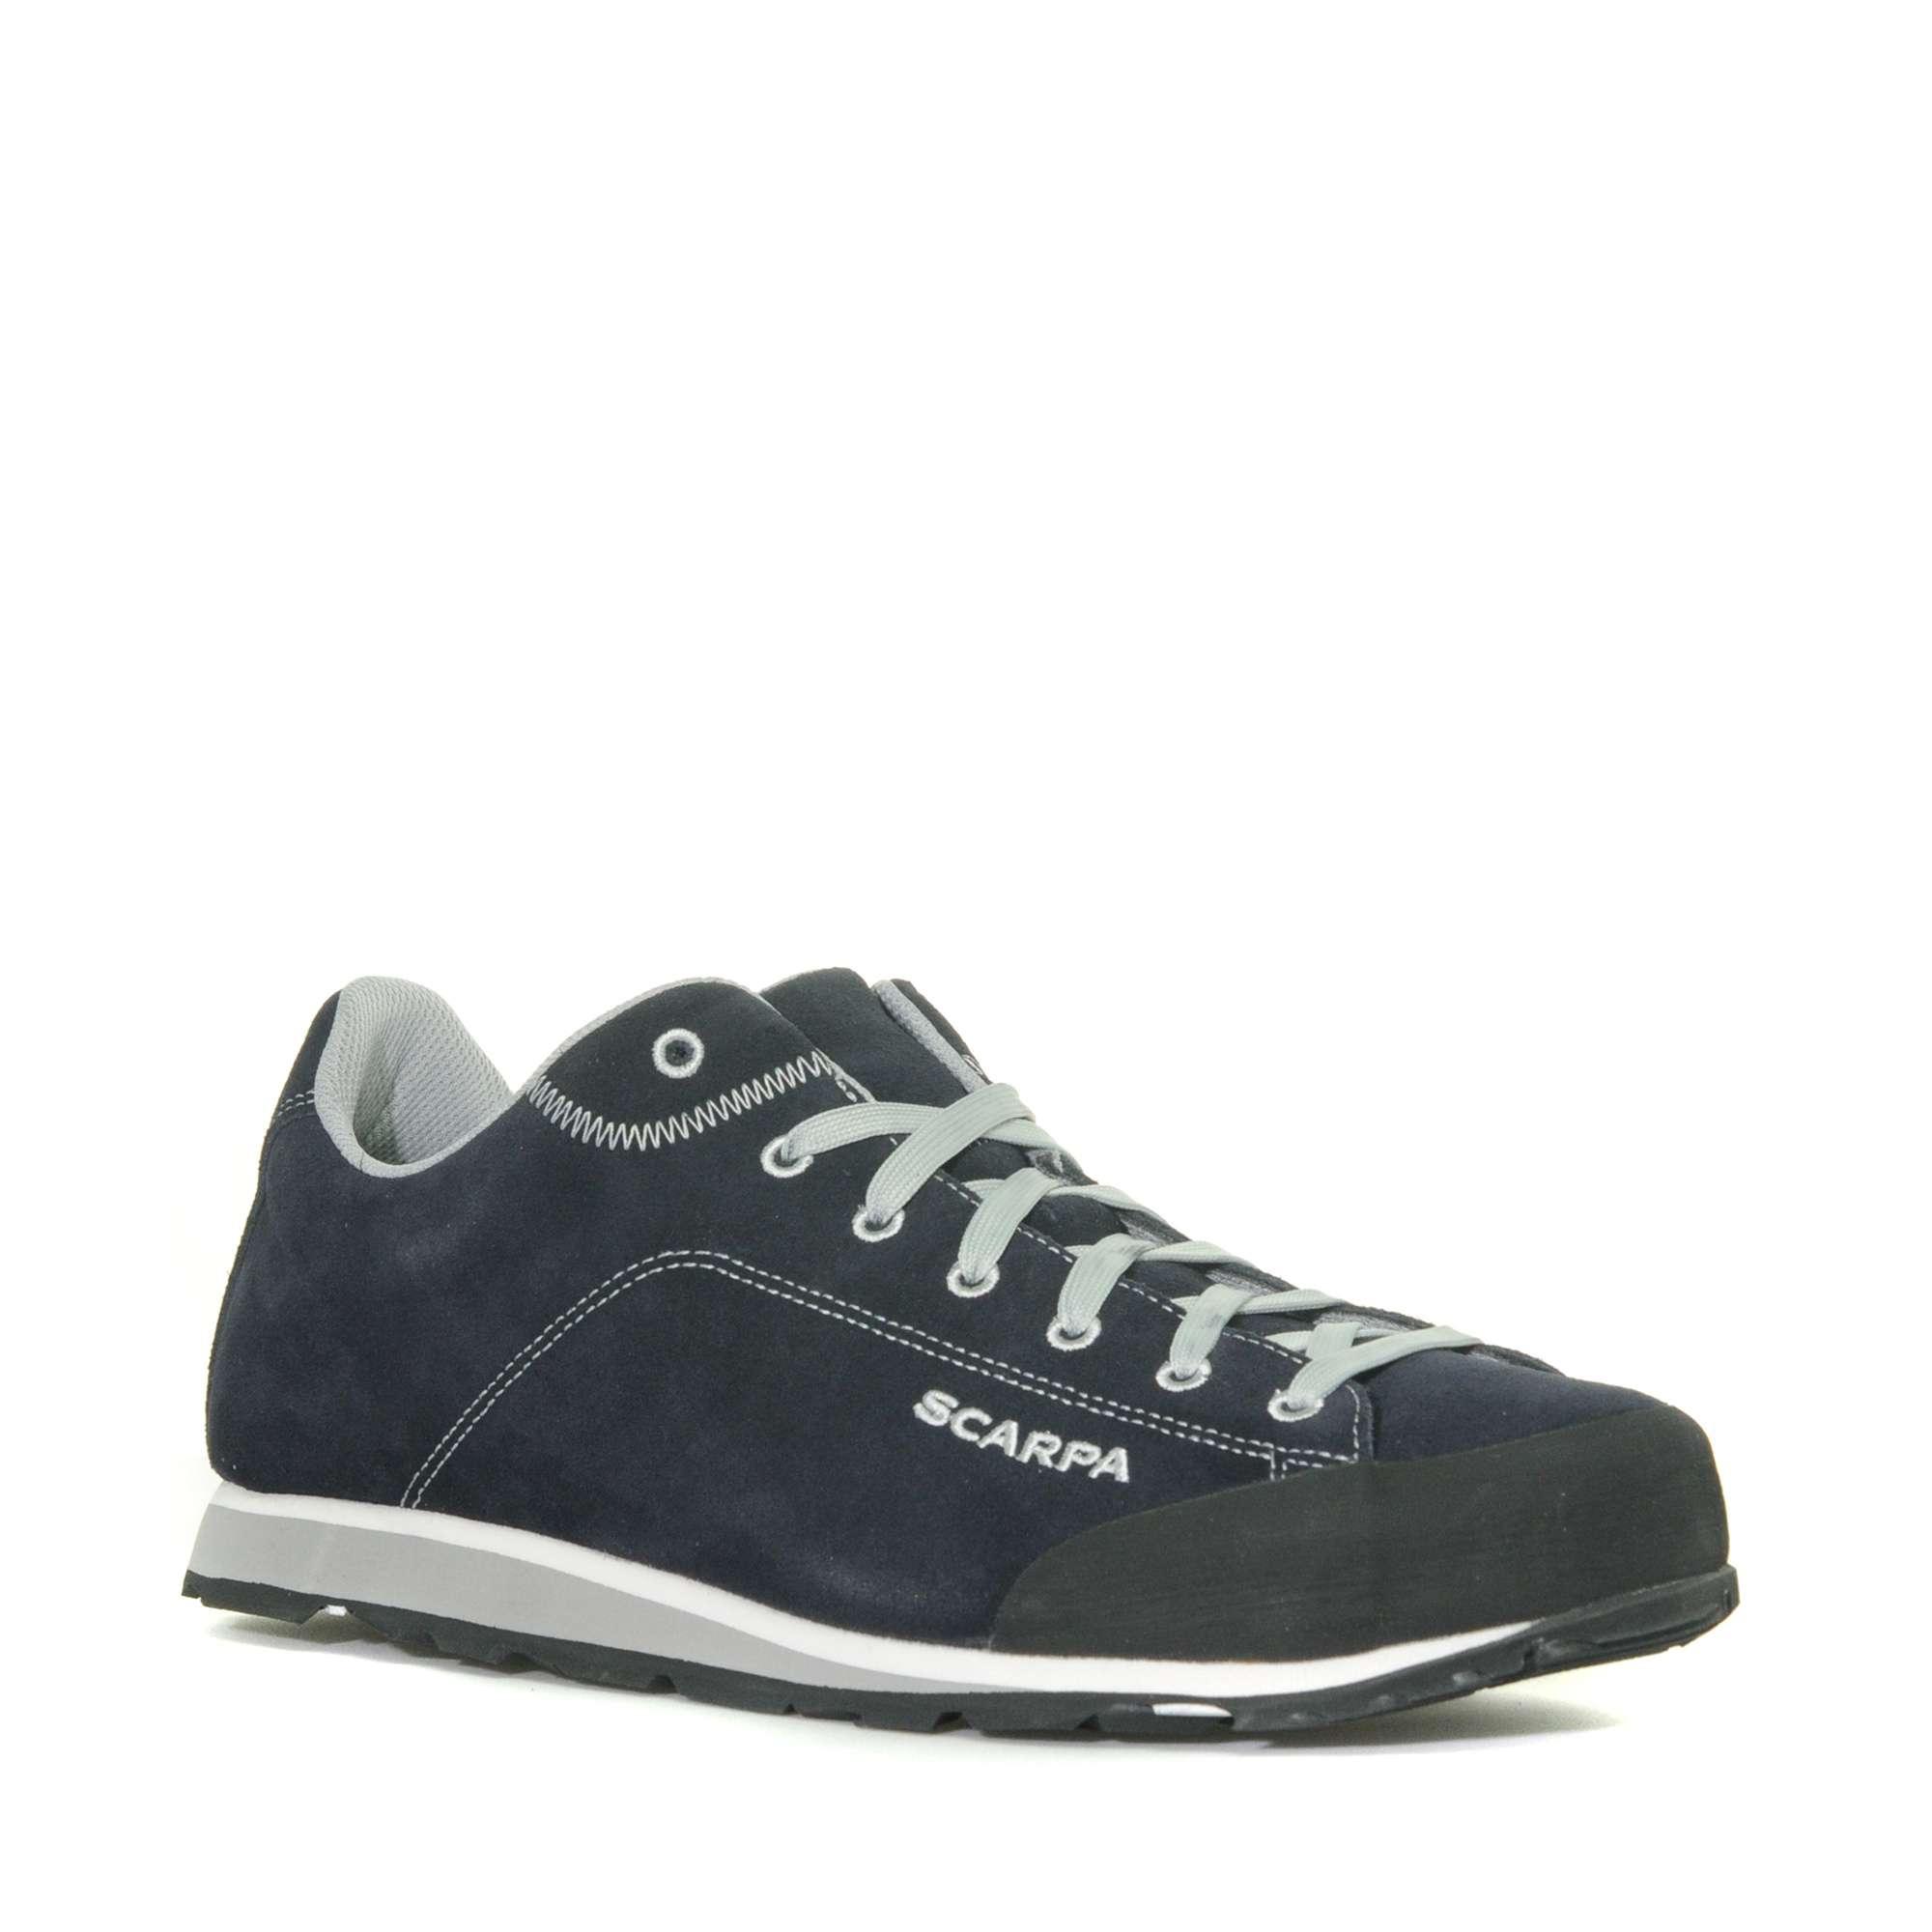 SCARPA Men's Margarita Suede Casual Shoe